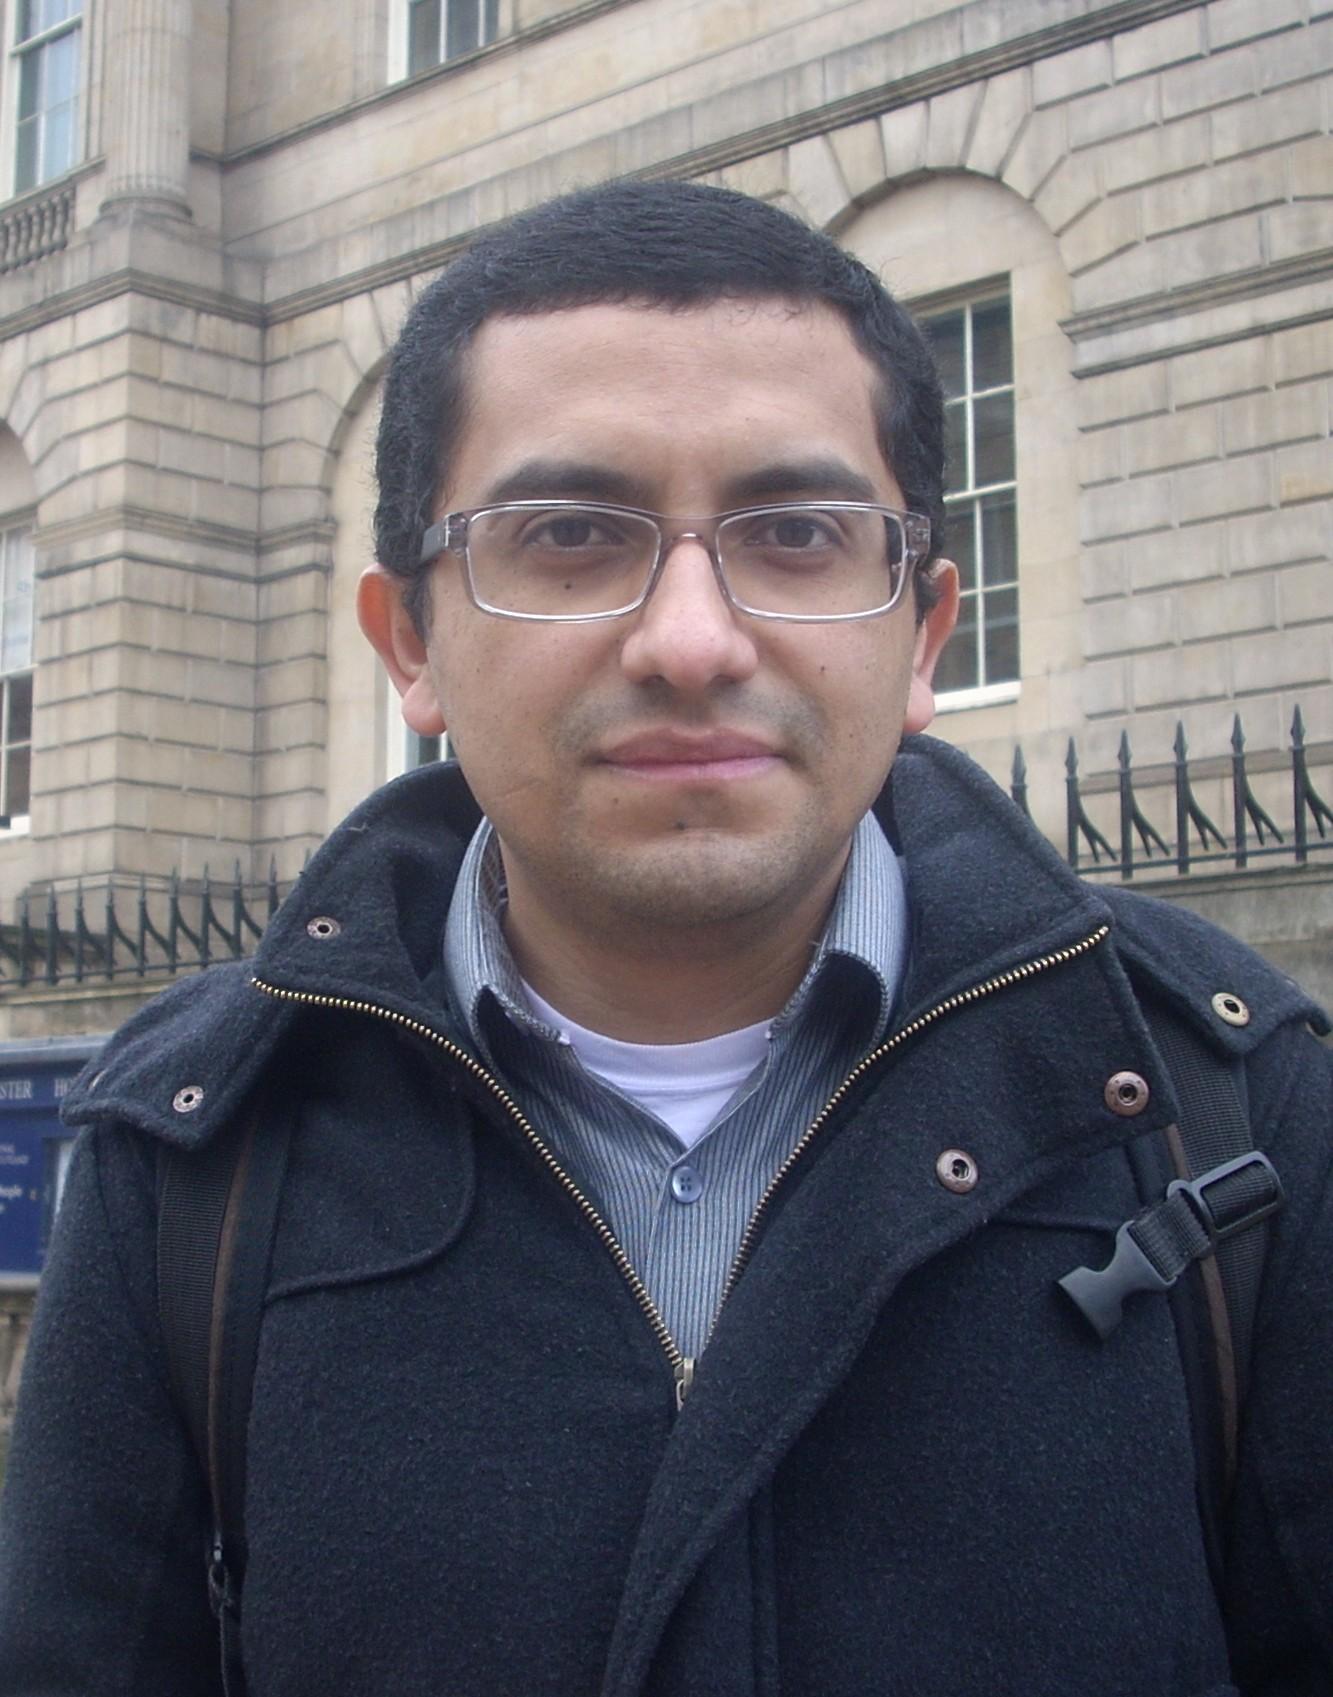 Oscar Javier Maldonado Castañeda